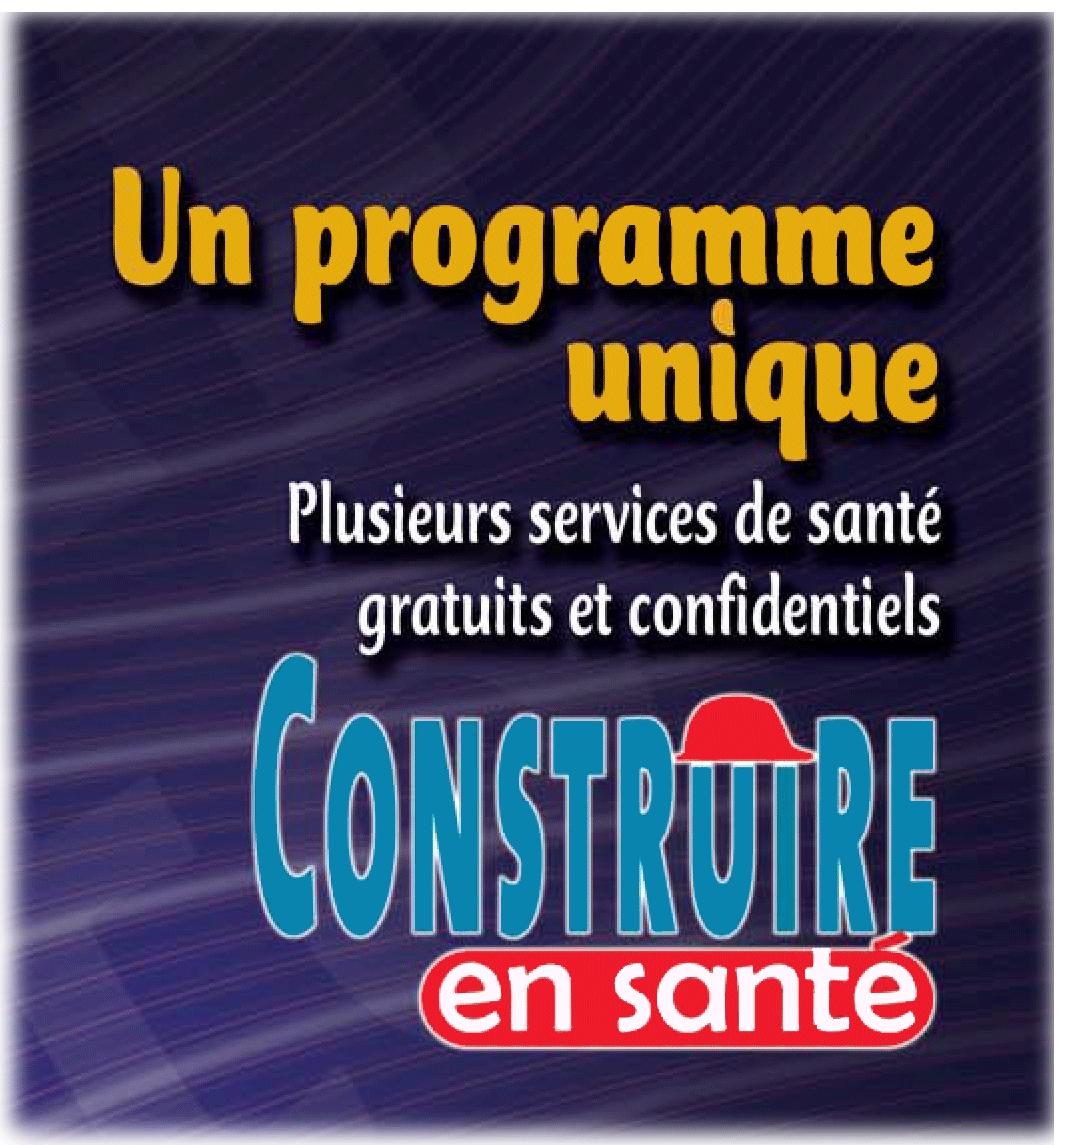 Construire_en_sante